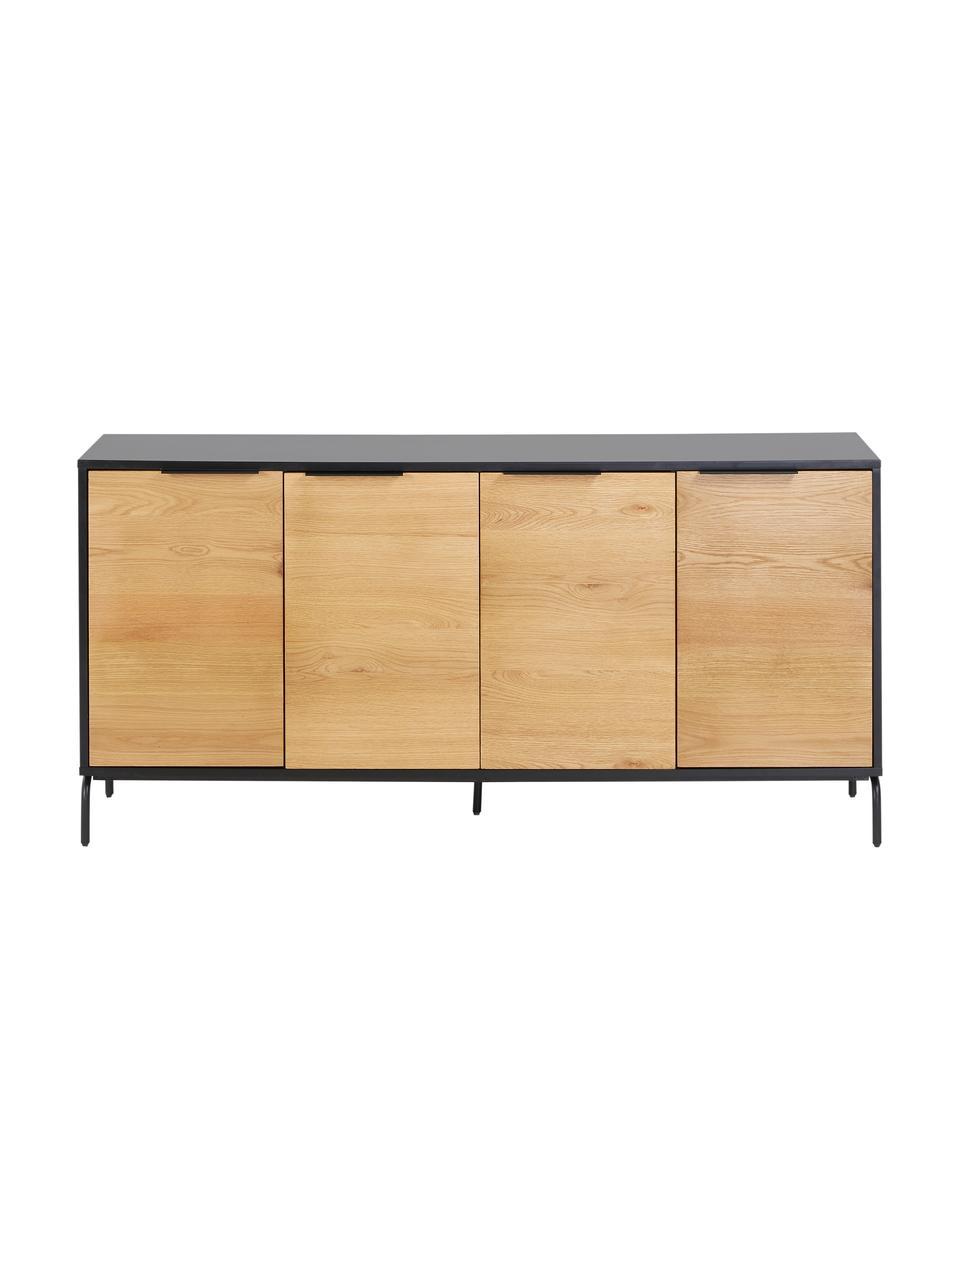 Credenza con ante e finitura in rovere Stellar, Nero, legno di quercia, Larg. 165 x Alt. 80 cm